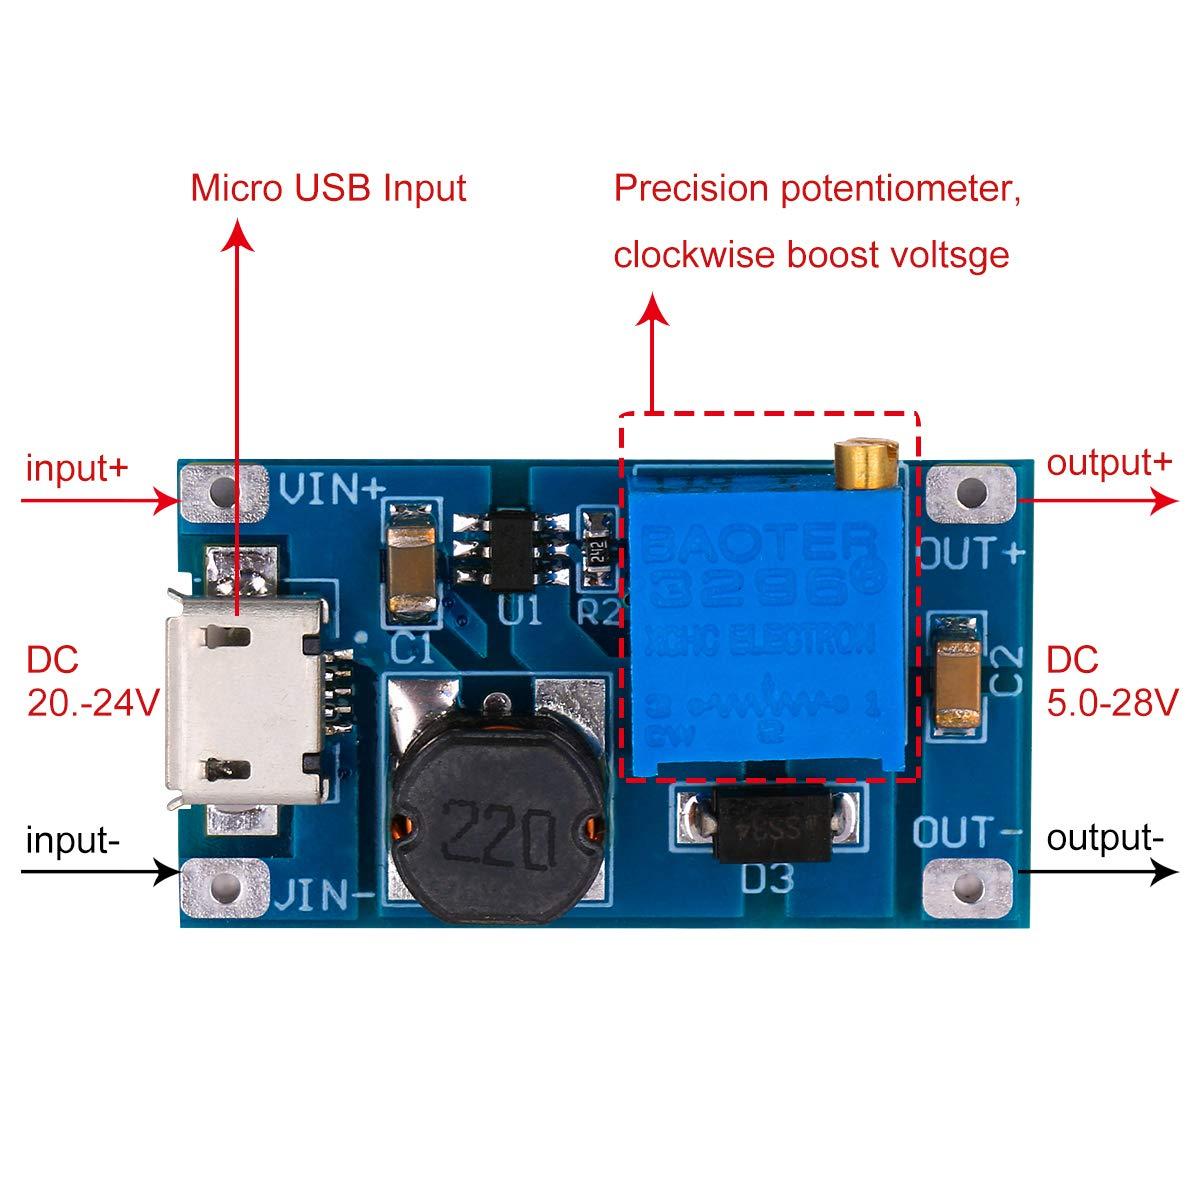 Dc Boost Converter Yeeco 1a Step Up 1 18v To 12v Voltage Regulator Circuit Board 2 24v 5v 9v 5 28v 20v Booster Module Adjustable